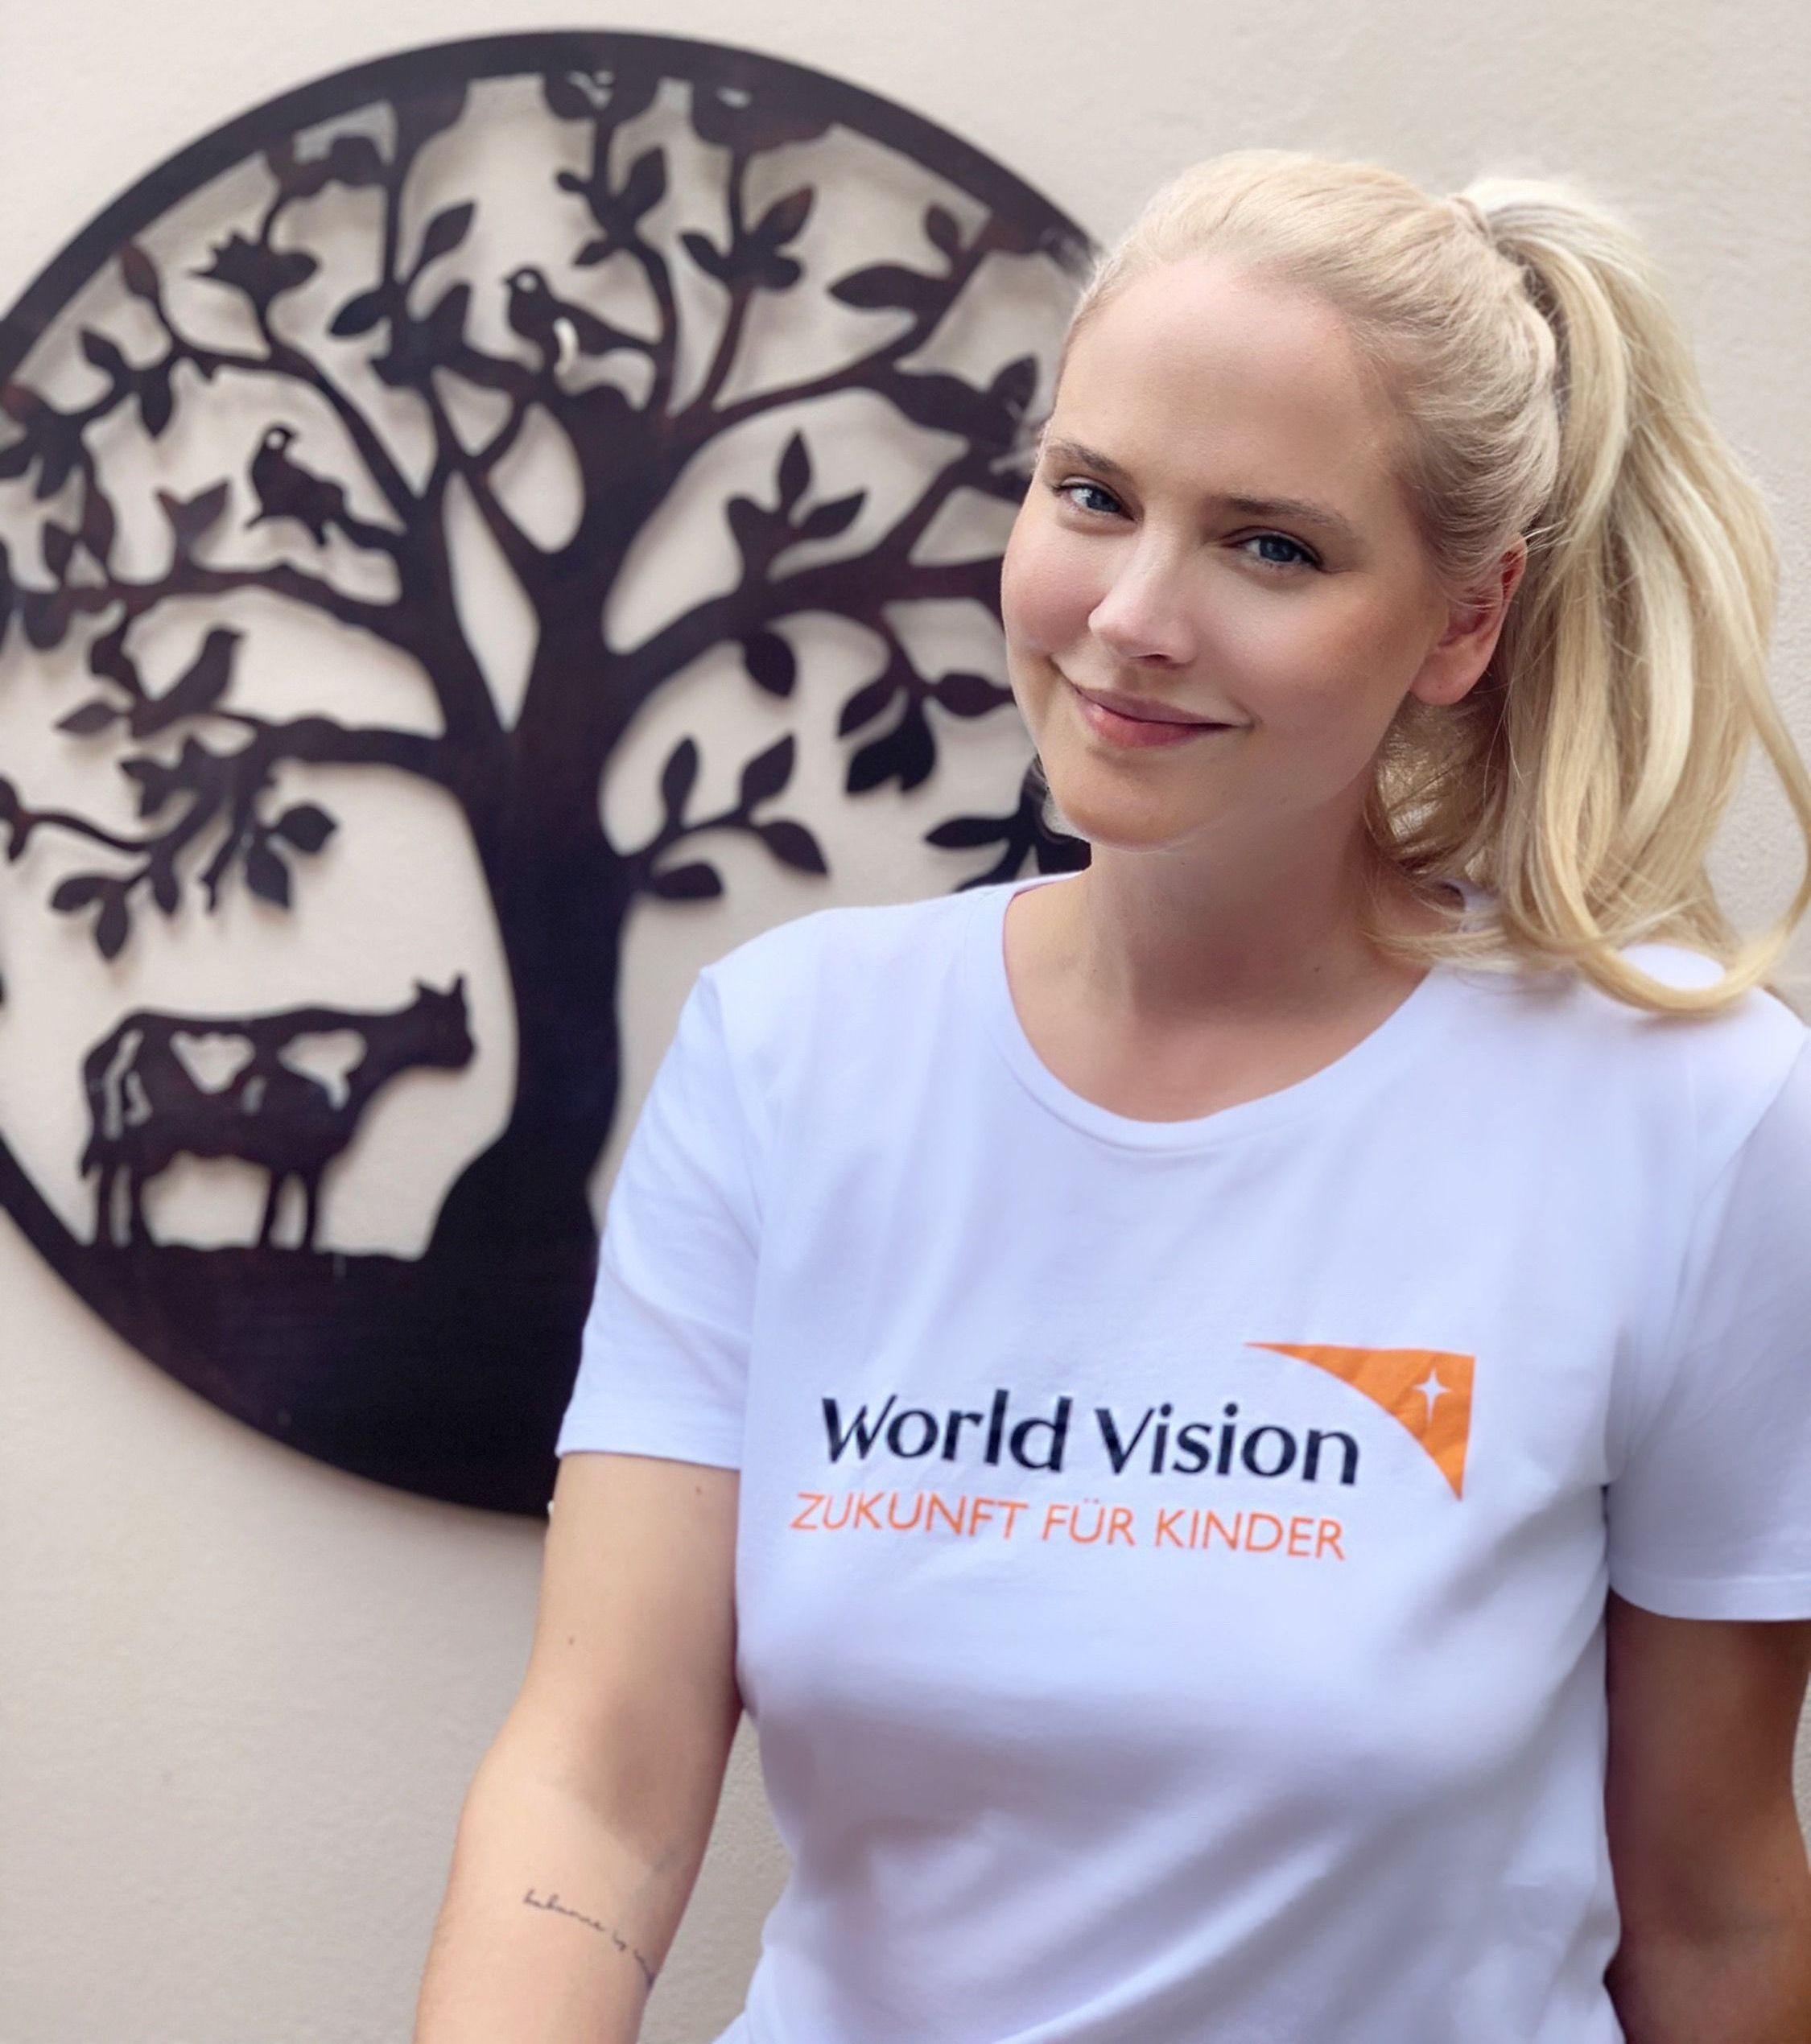 Tiana Pongs ist neue Botschafterin von World Vision: Jeder Mensch auf dieser Erde hat das gleiche Recht